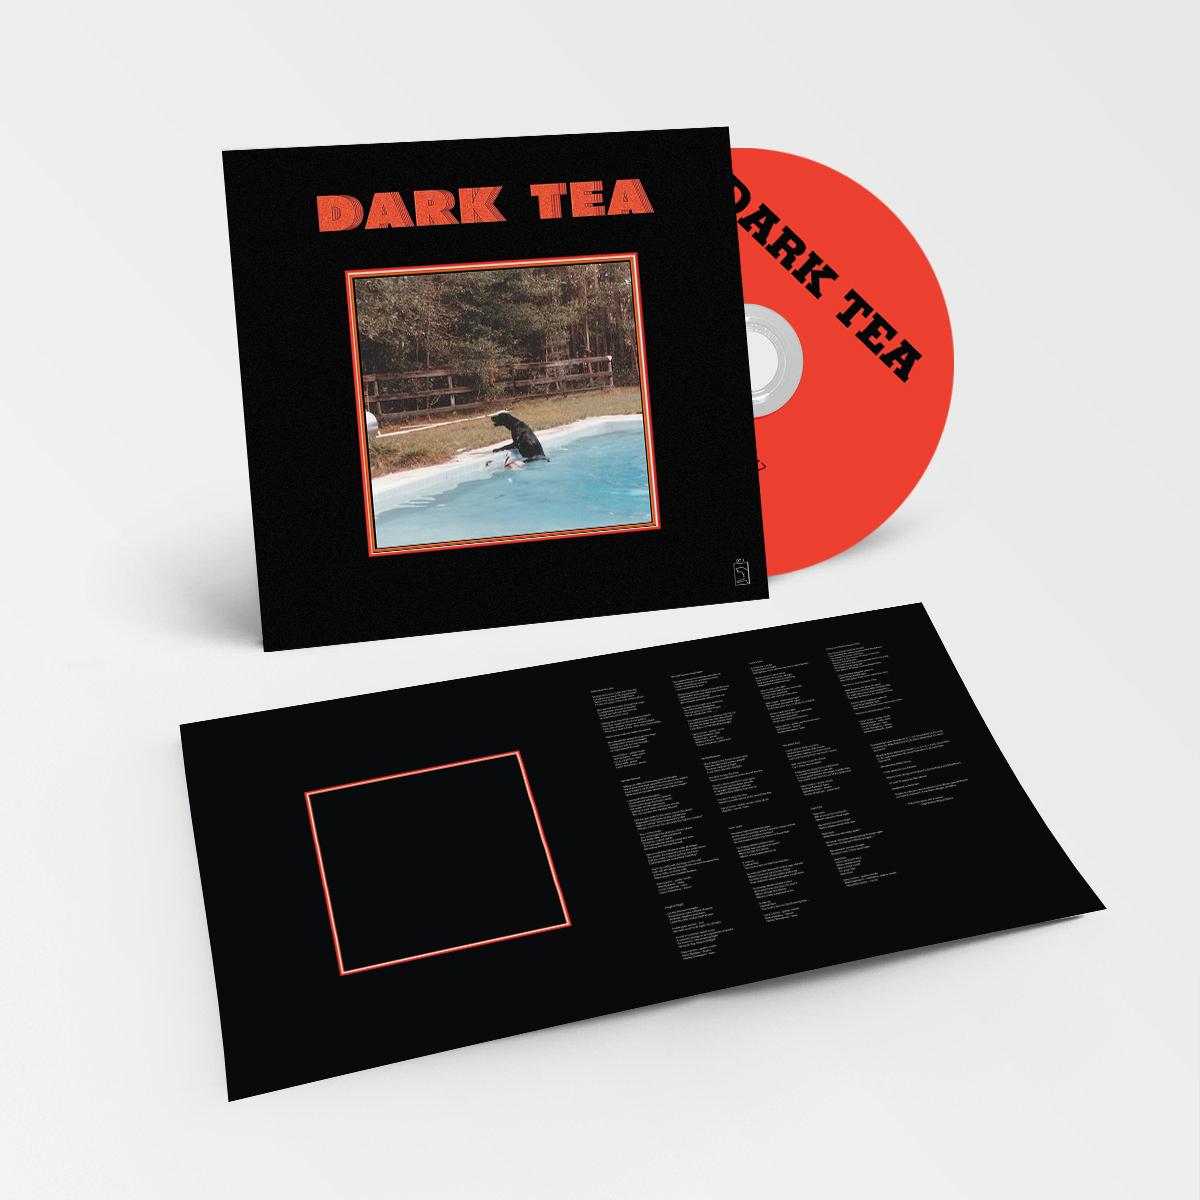 DarkTea_CD_PromoImage.jpg